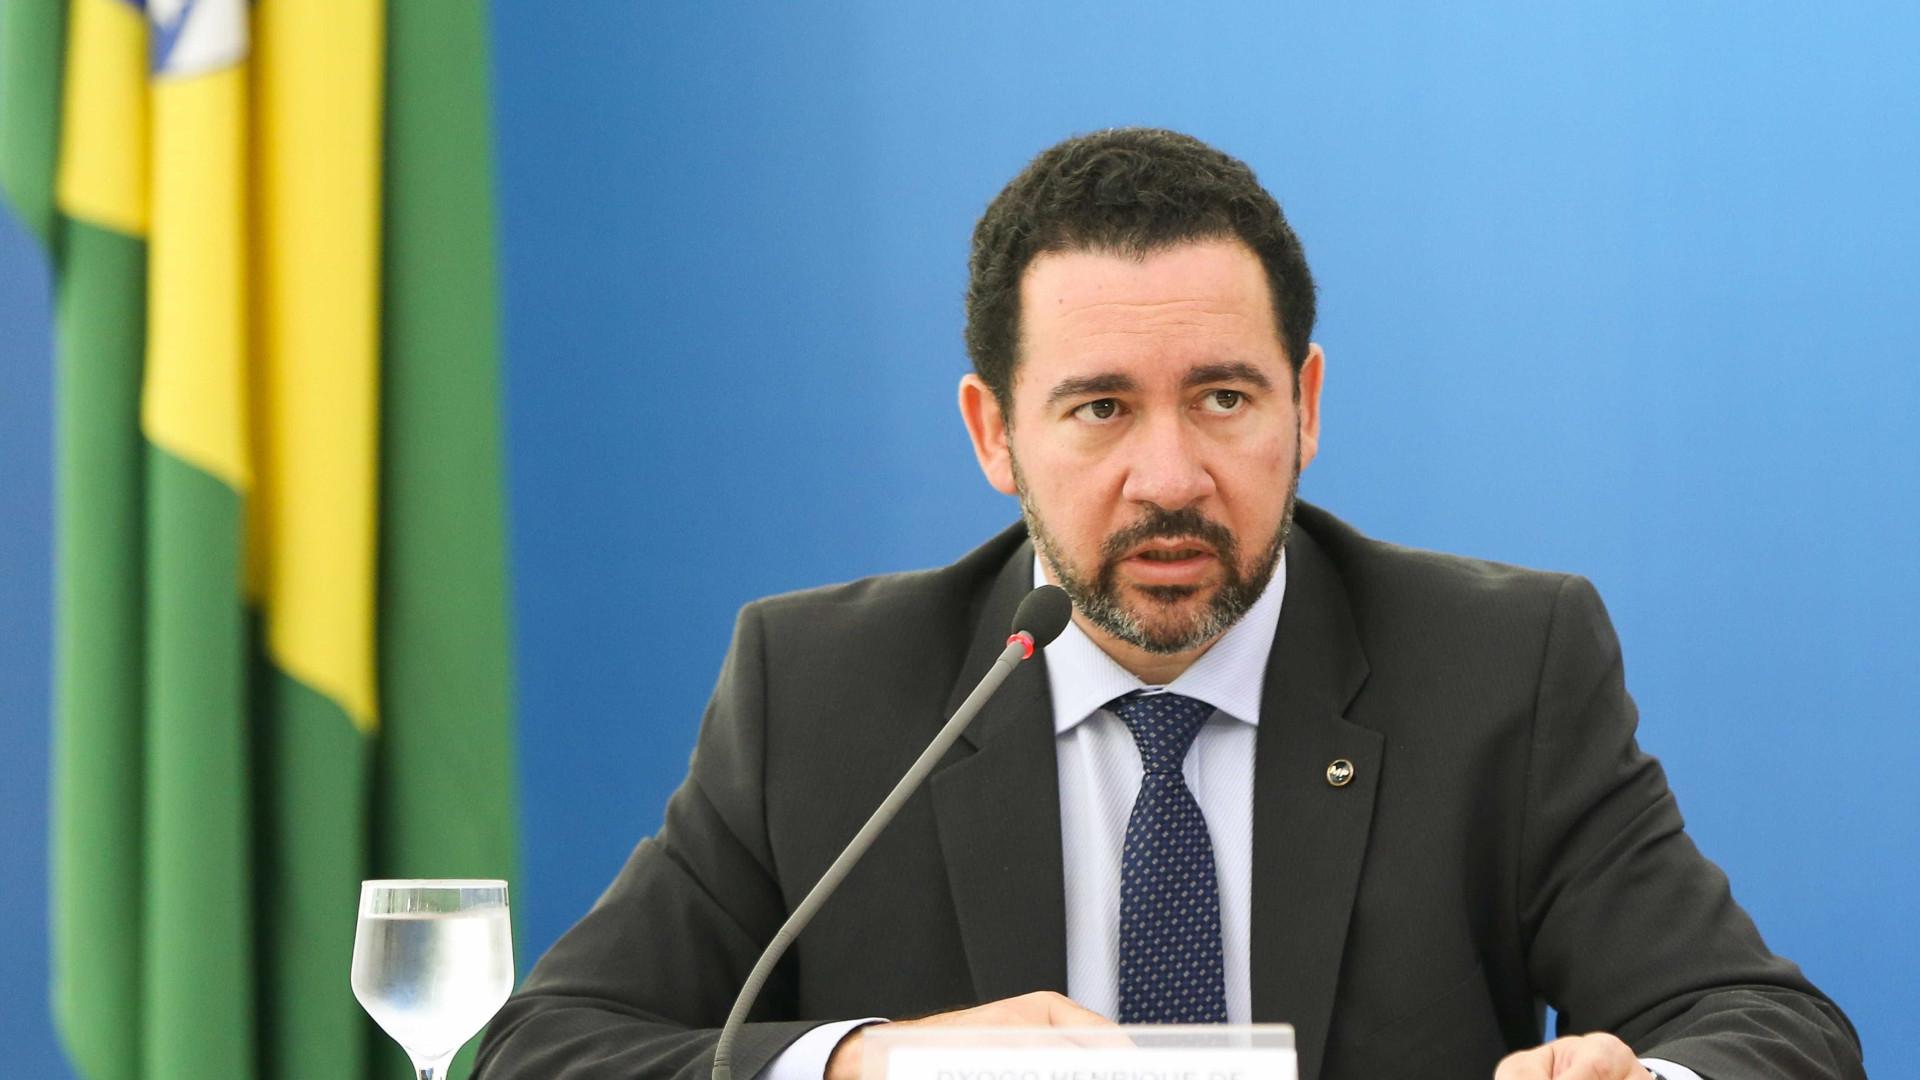 Governo libera R$ 12824 bilhões do Orçamento de 2017